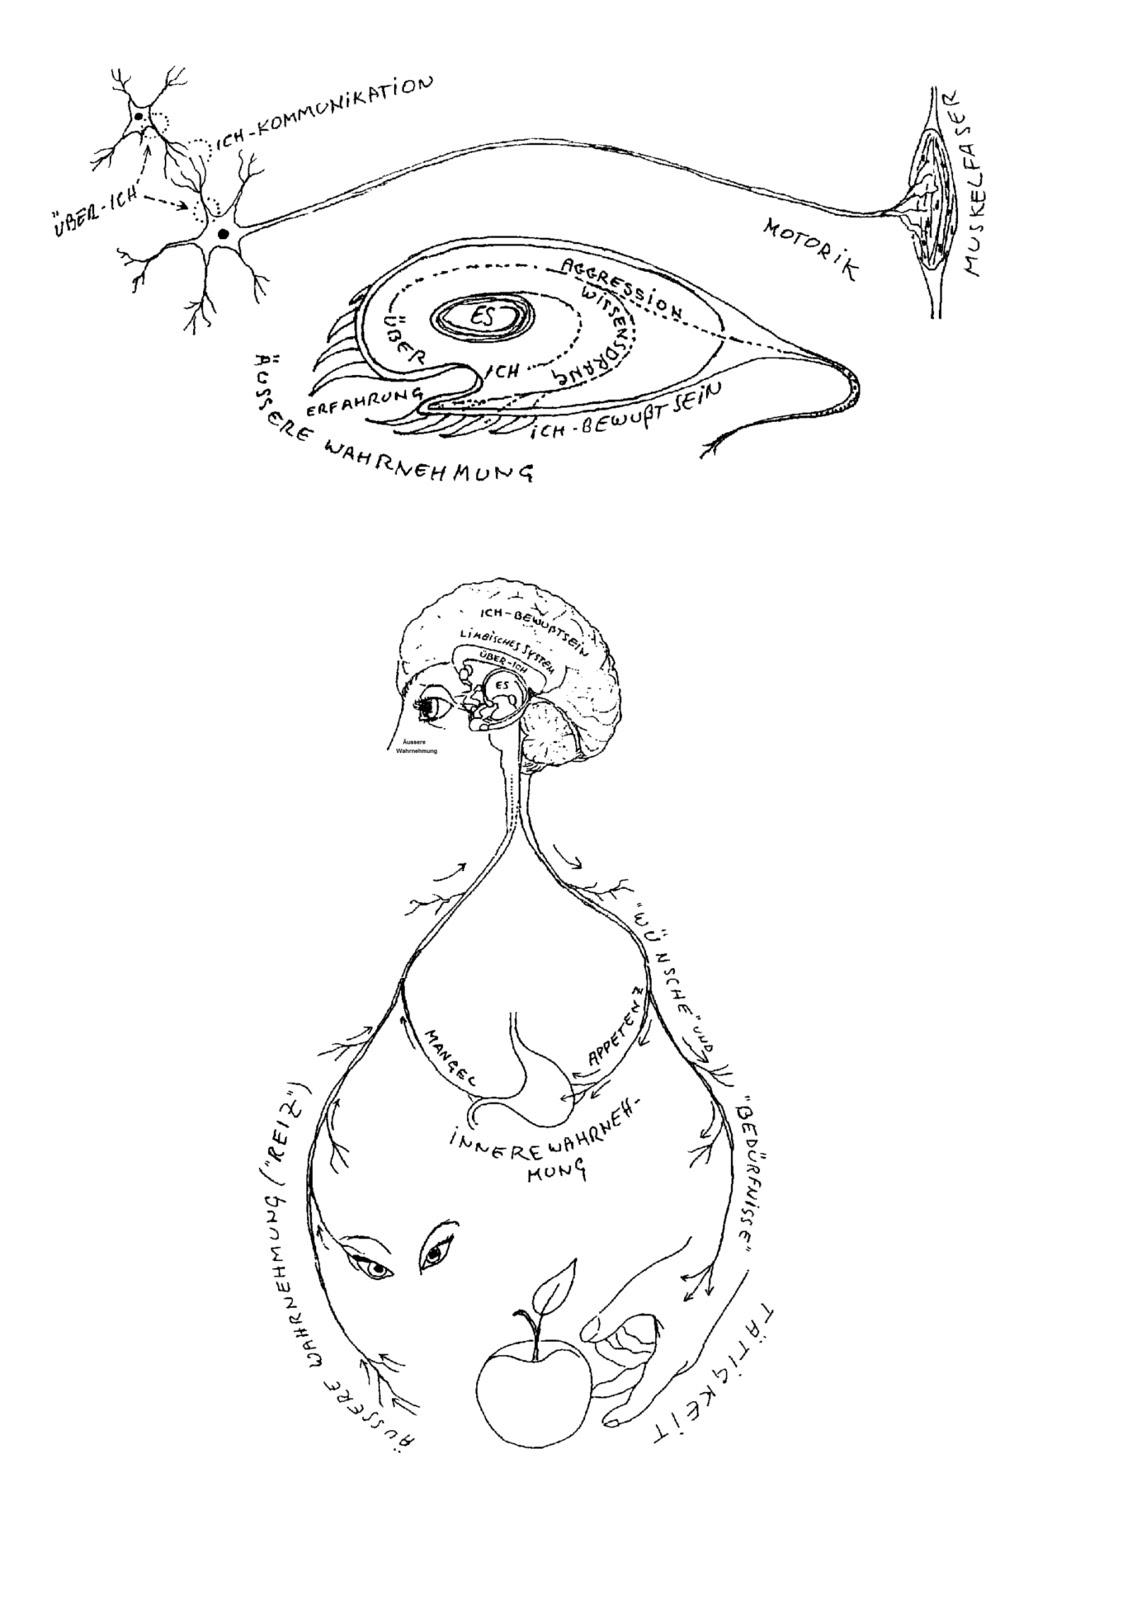 Die Neurologie der 3 Instanzen (eine Synthese)